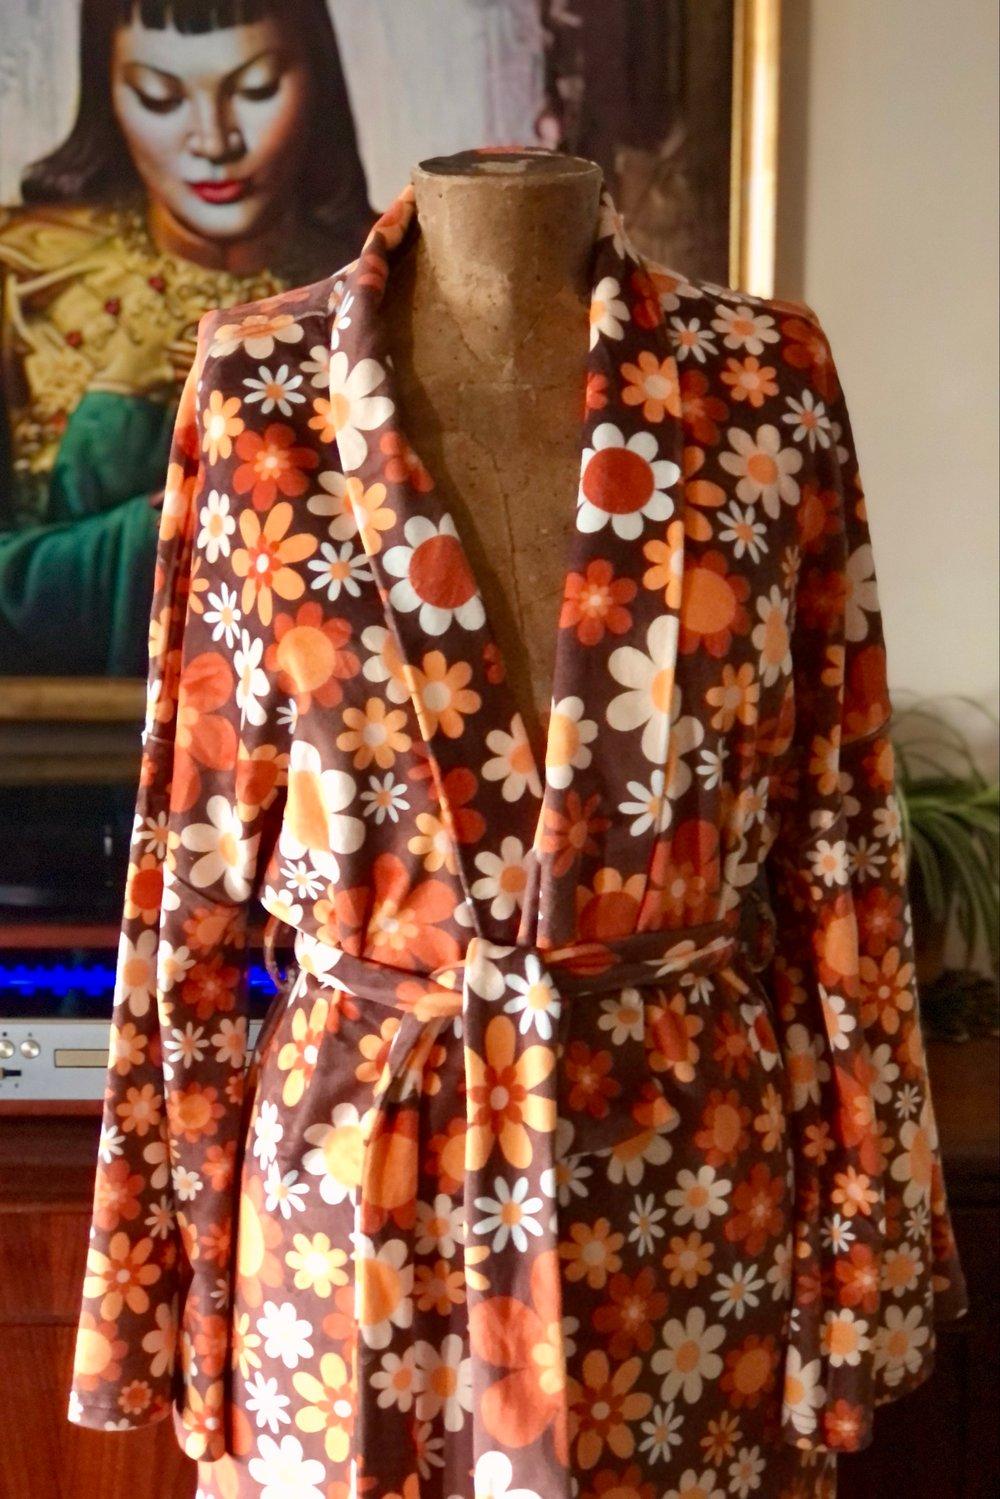 Velvet dreams robe in Sunny side up brown